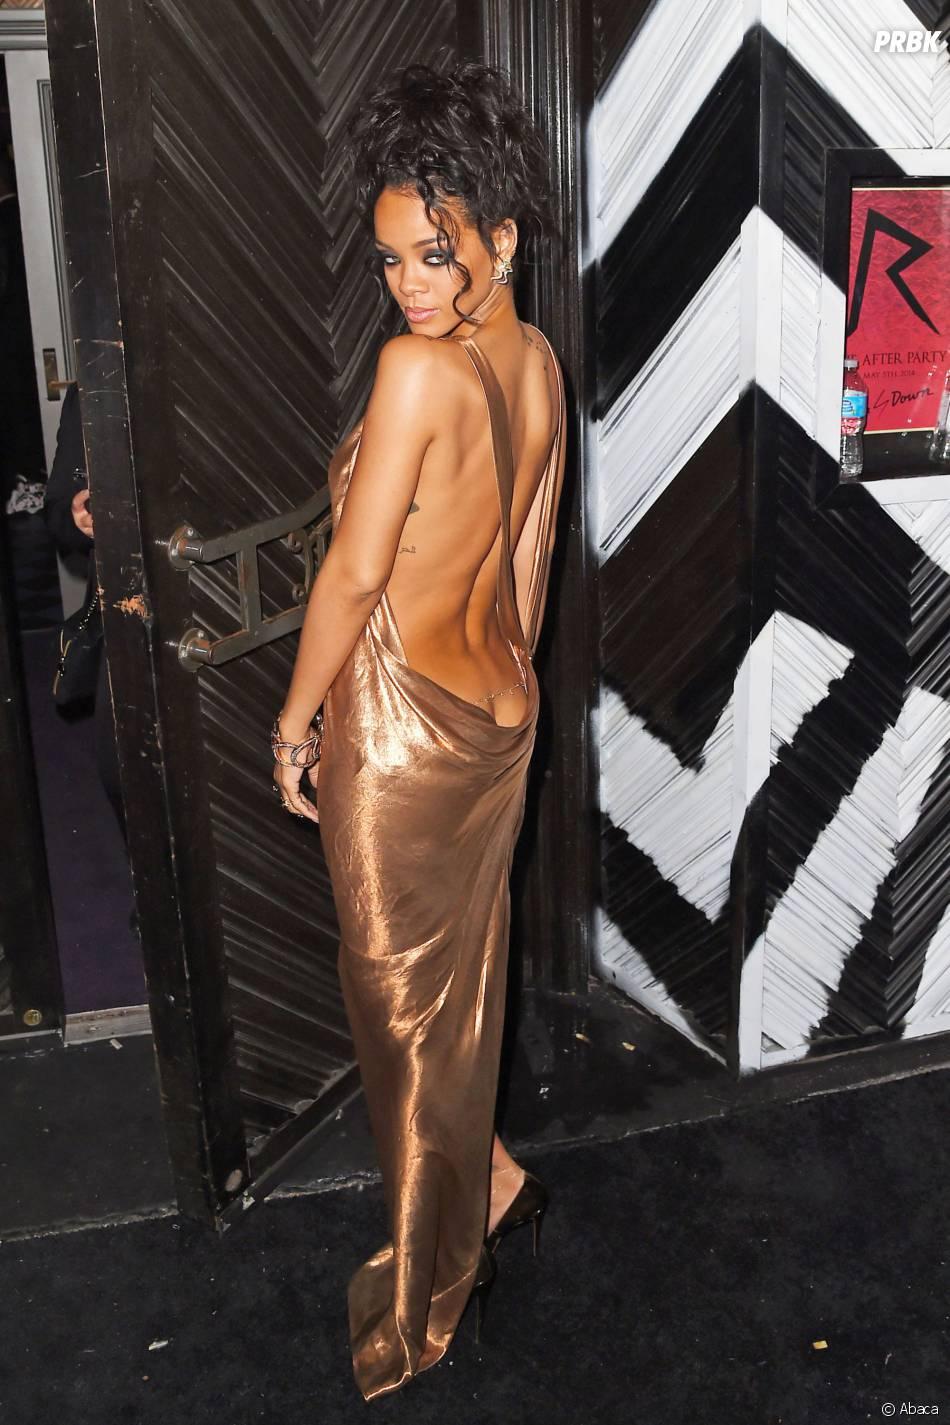 Rihanna fesses à l'air à l'after party du Met Gala 2014, le 5 mai 2014